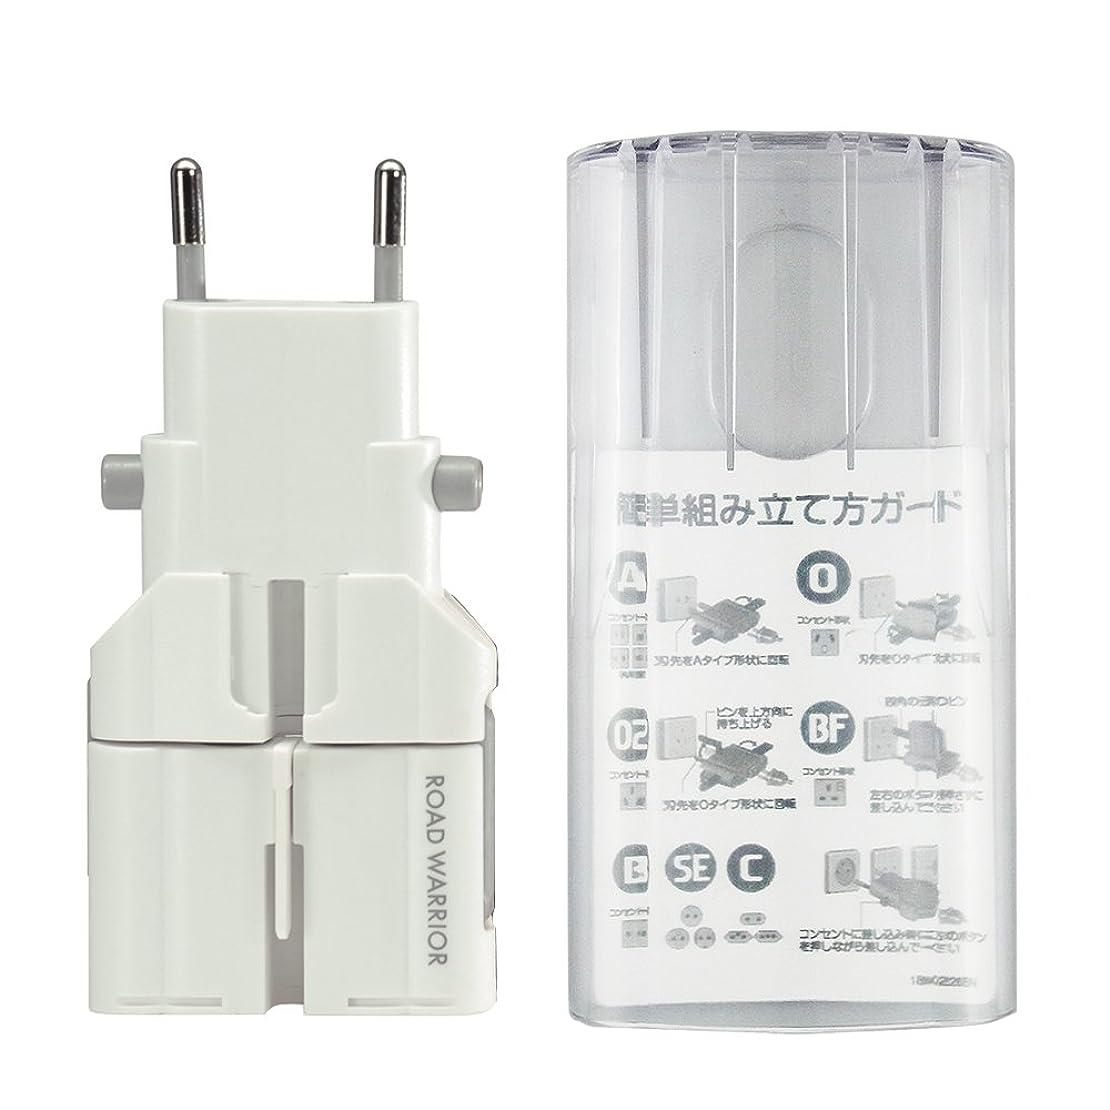 ペンダント貫通する主要なデバイスネット マルチ電源変換プラグ ゴーコン 専用ケース付 RW75WH/S ホワイト